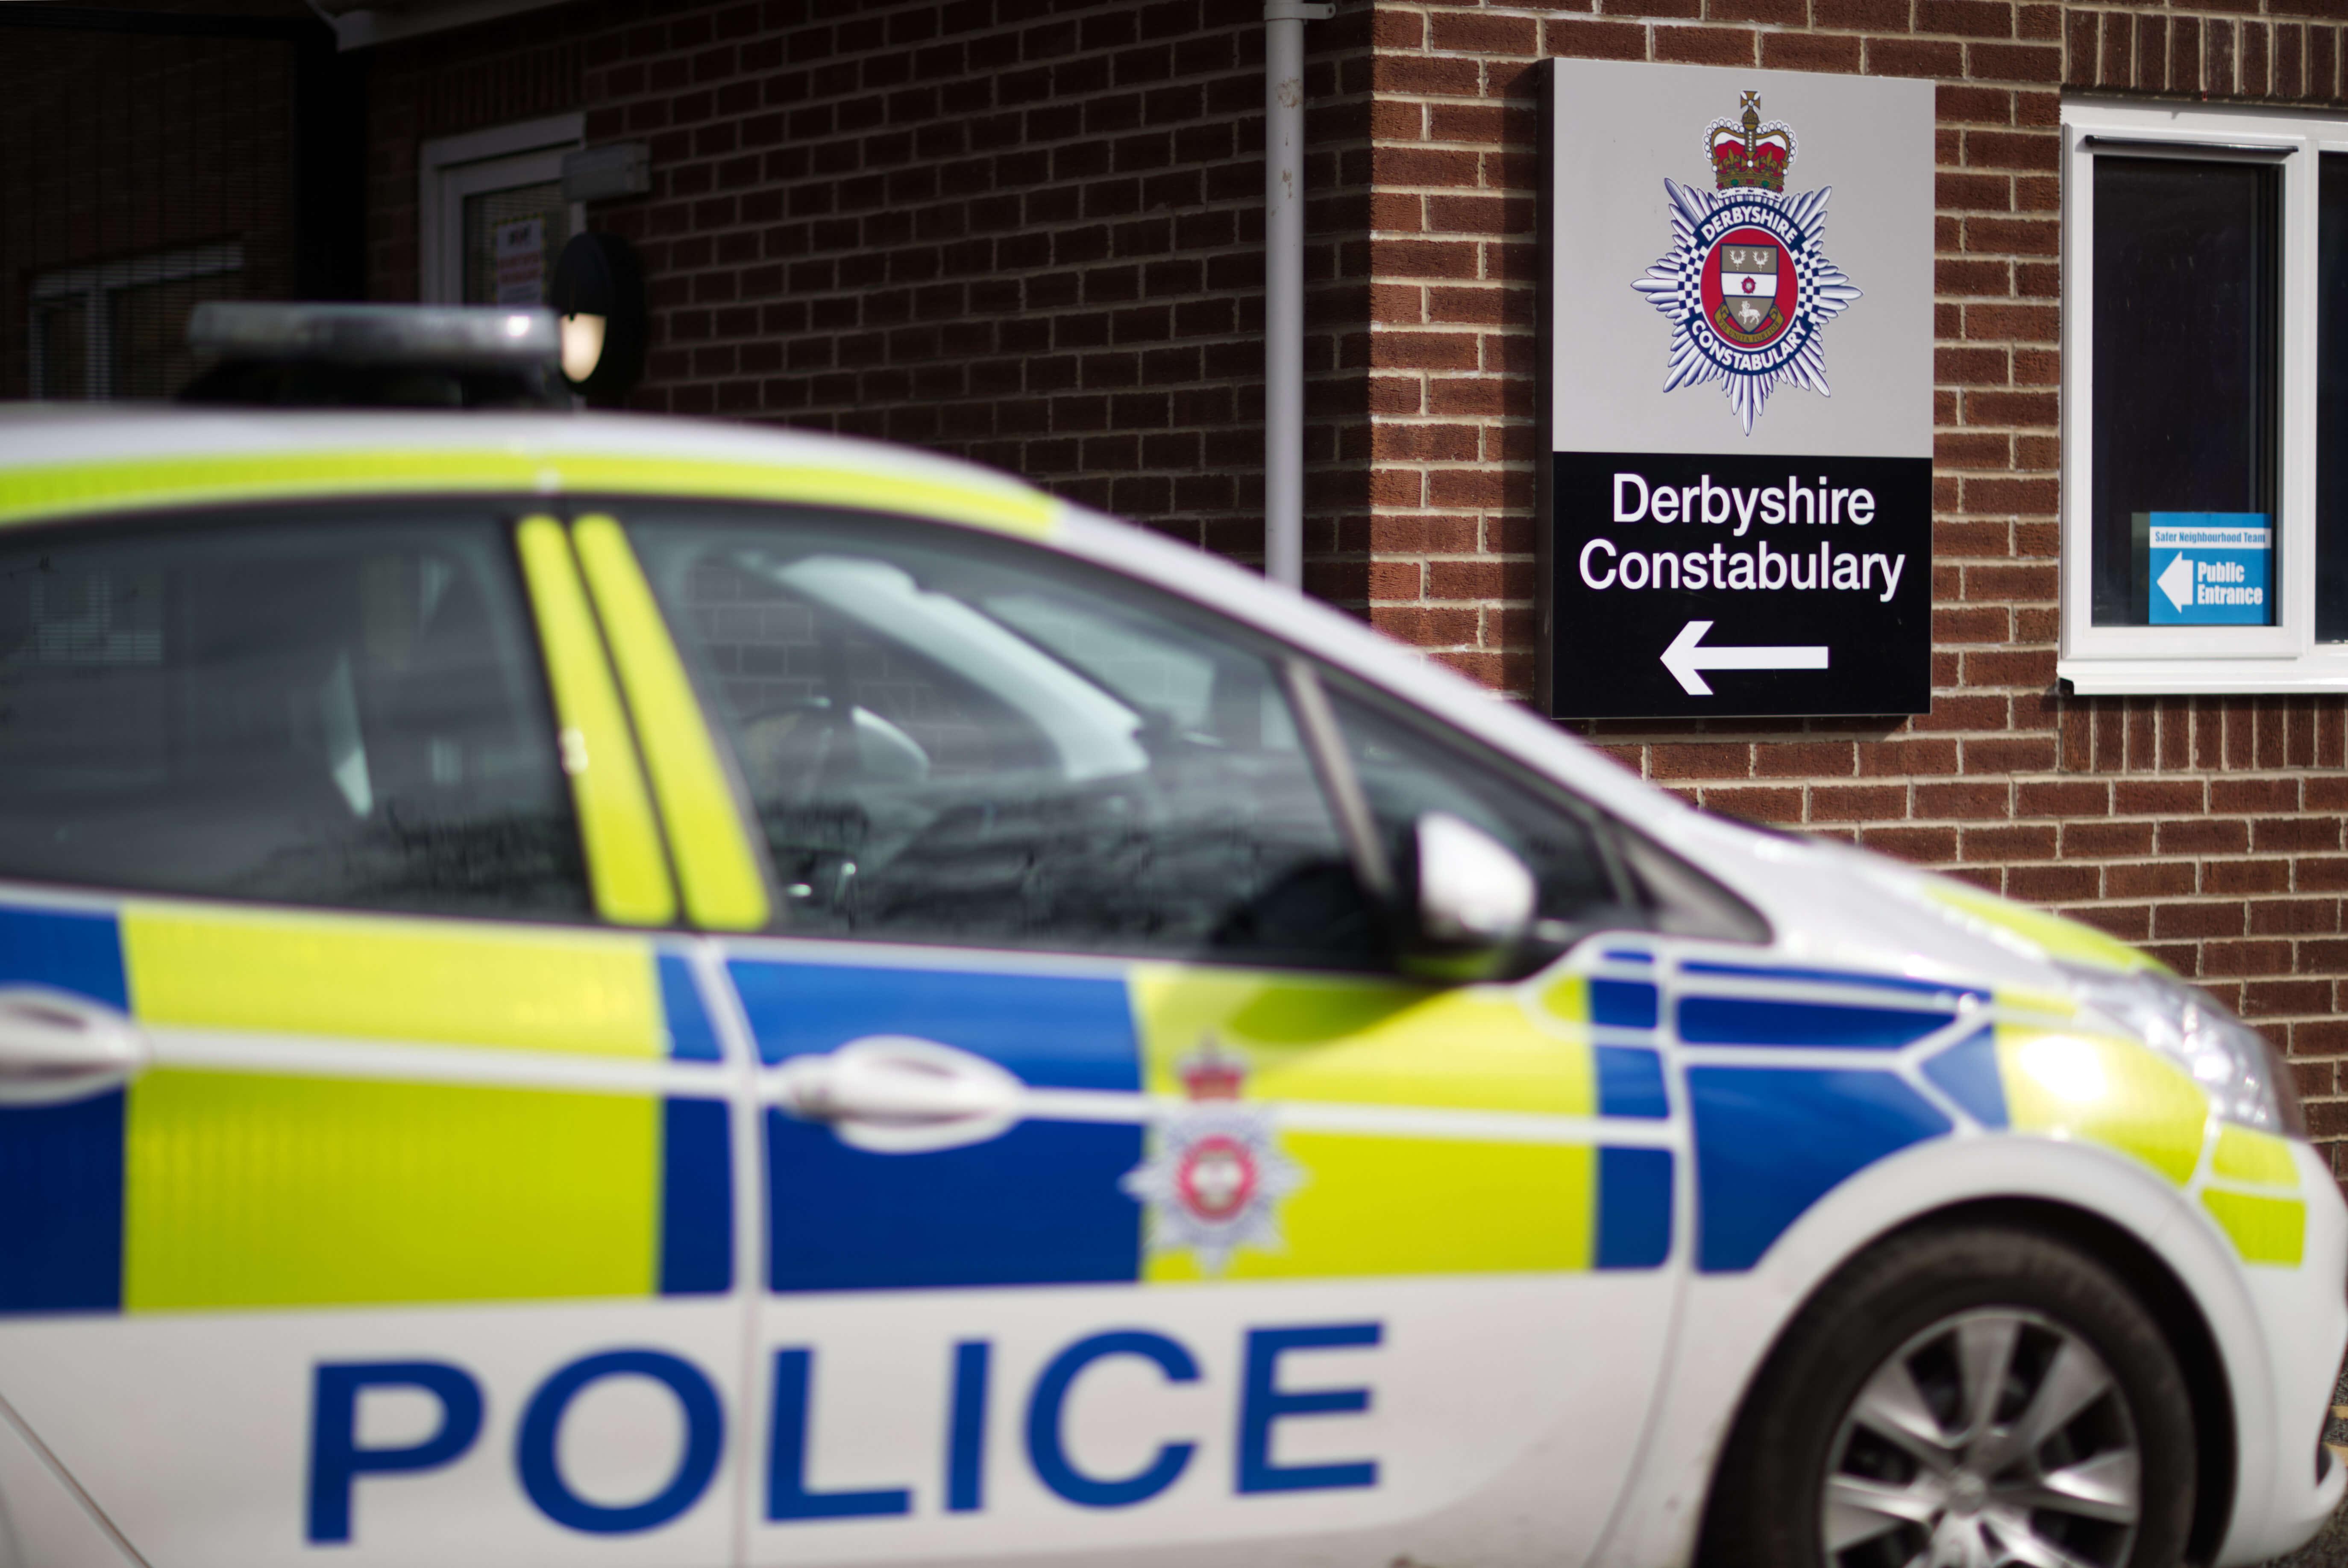 Ashbourne Police Station